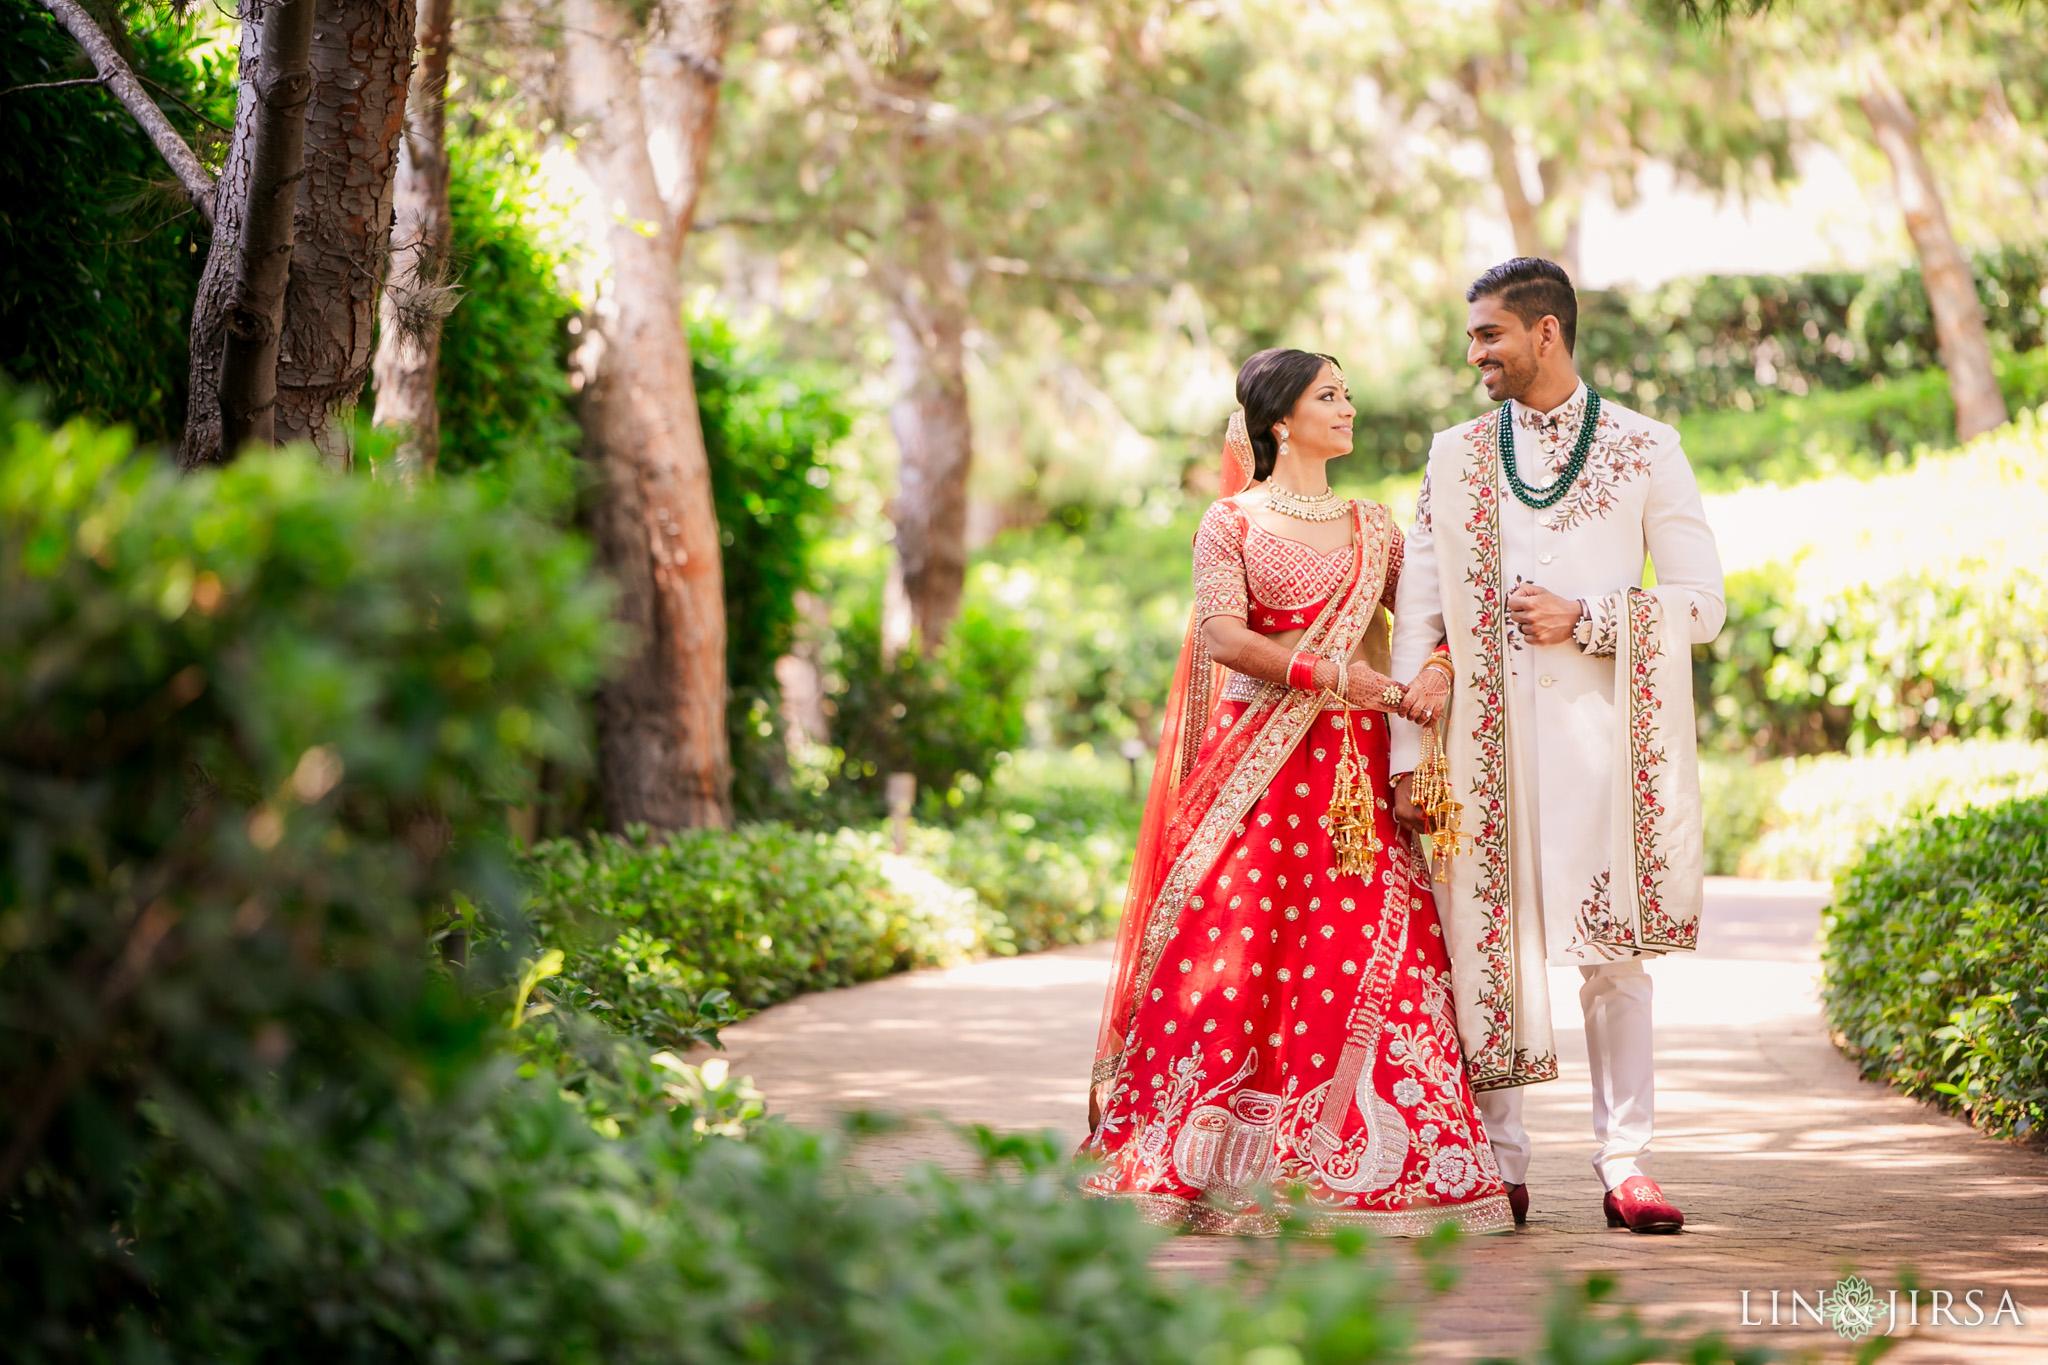 16 pelican hill resort orange county indian wedding photographer